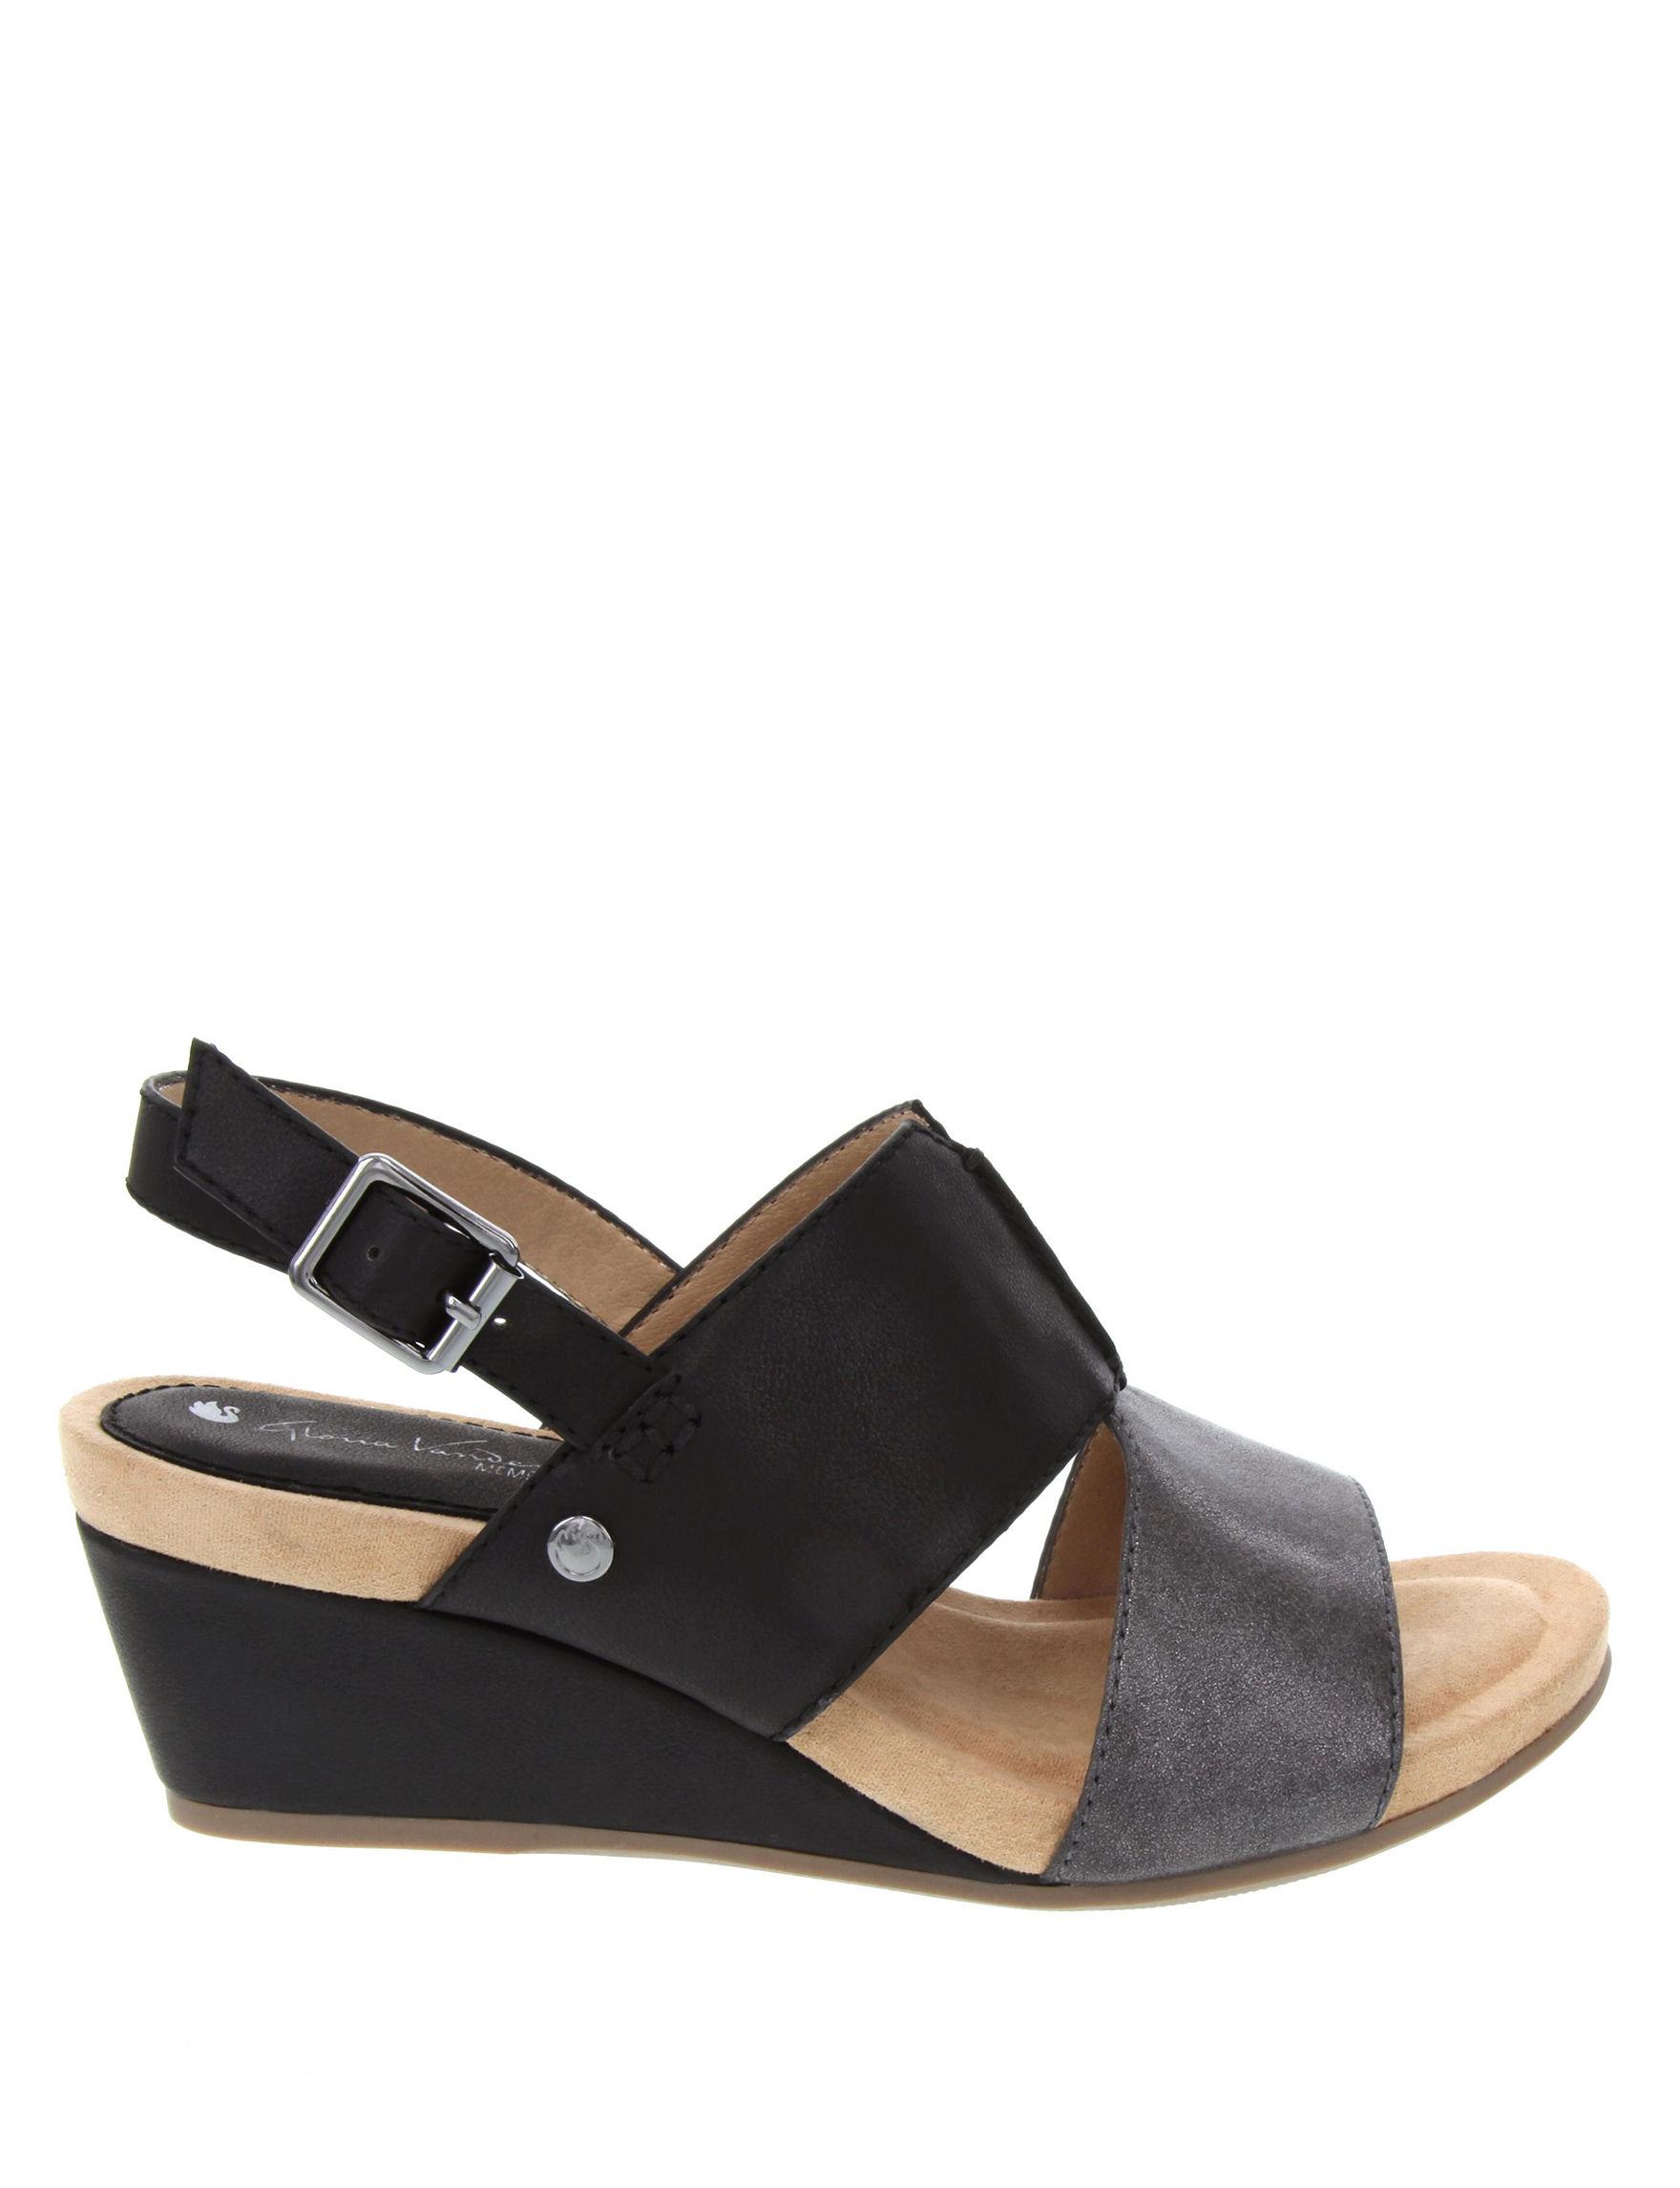 ffbd596762f9 Gloria Vanderbilt Women s Hans Wedge Sandals